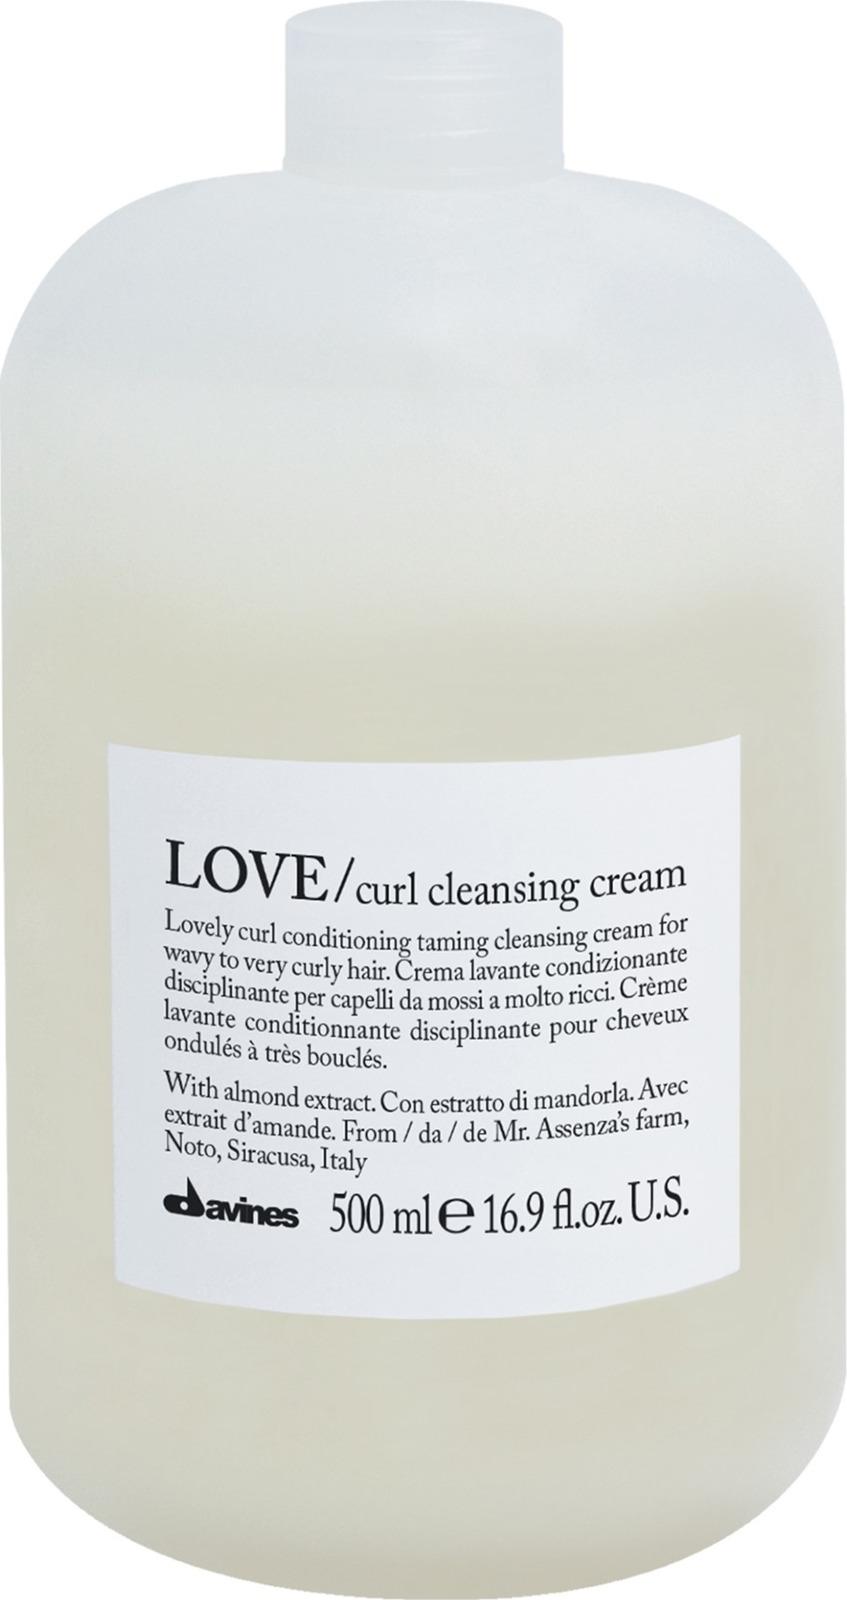 Очищающая пенка для усиления завитка Davines Love Curl Cleansing Cream, 500 мл очищающая пенка для усиления завитка 500 мл davines love